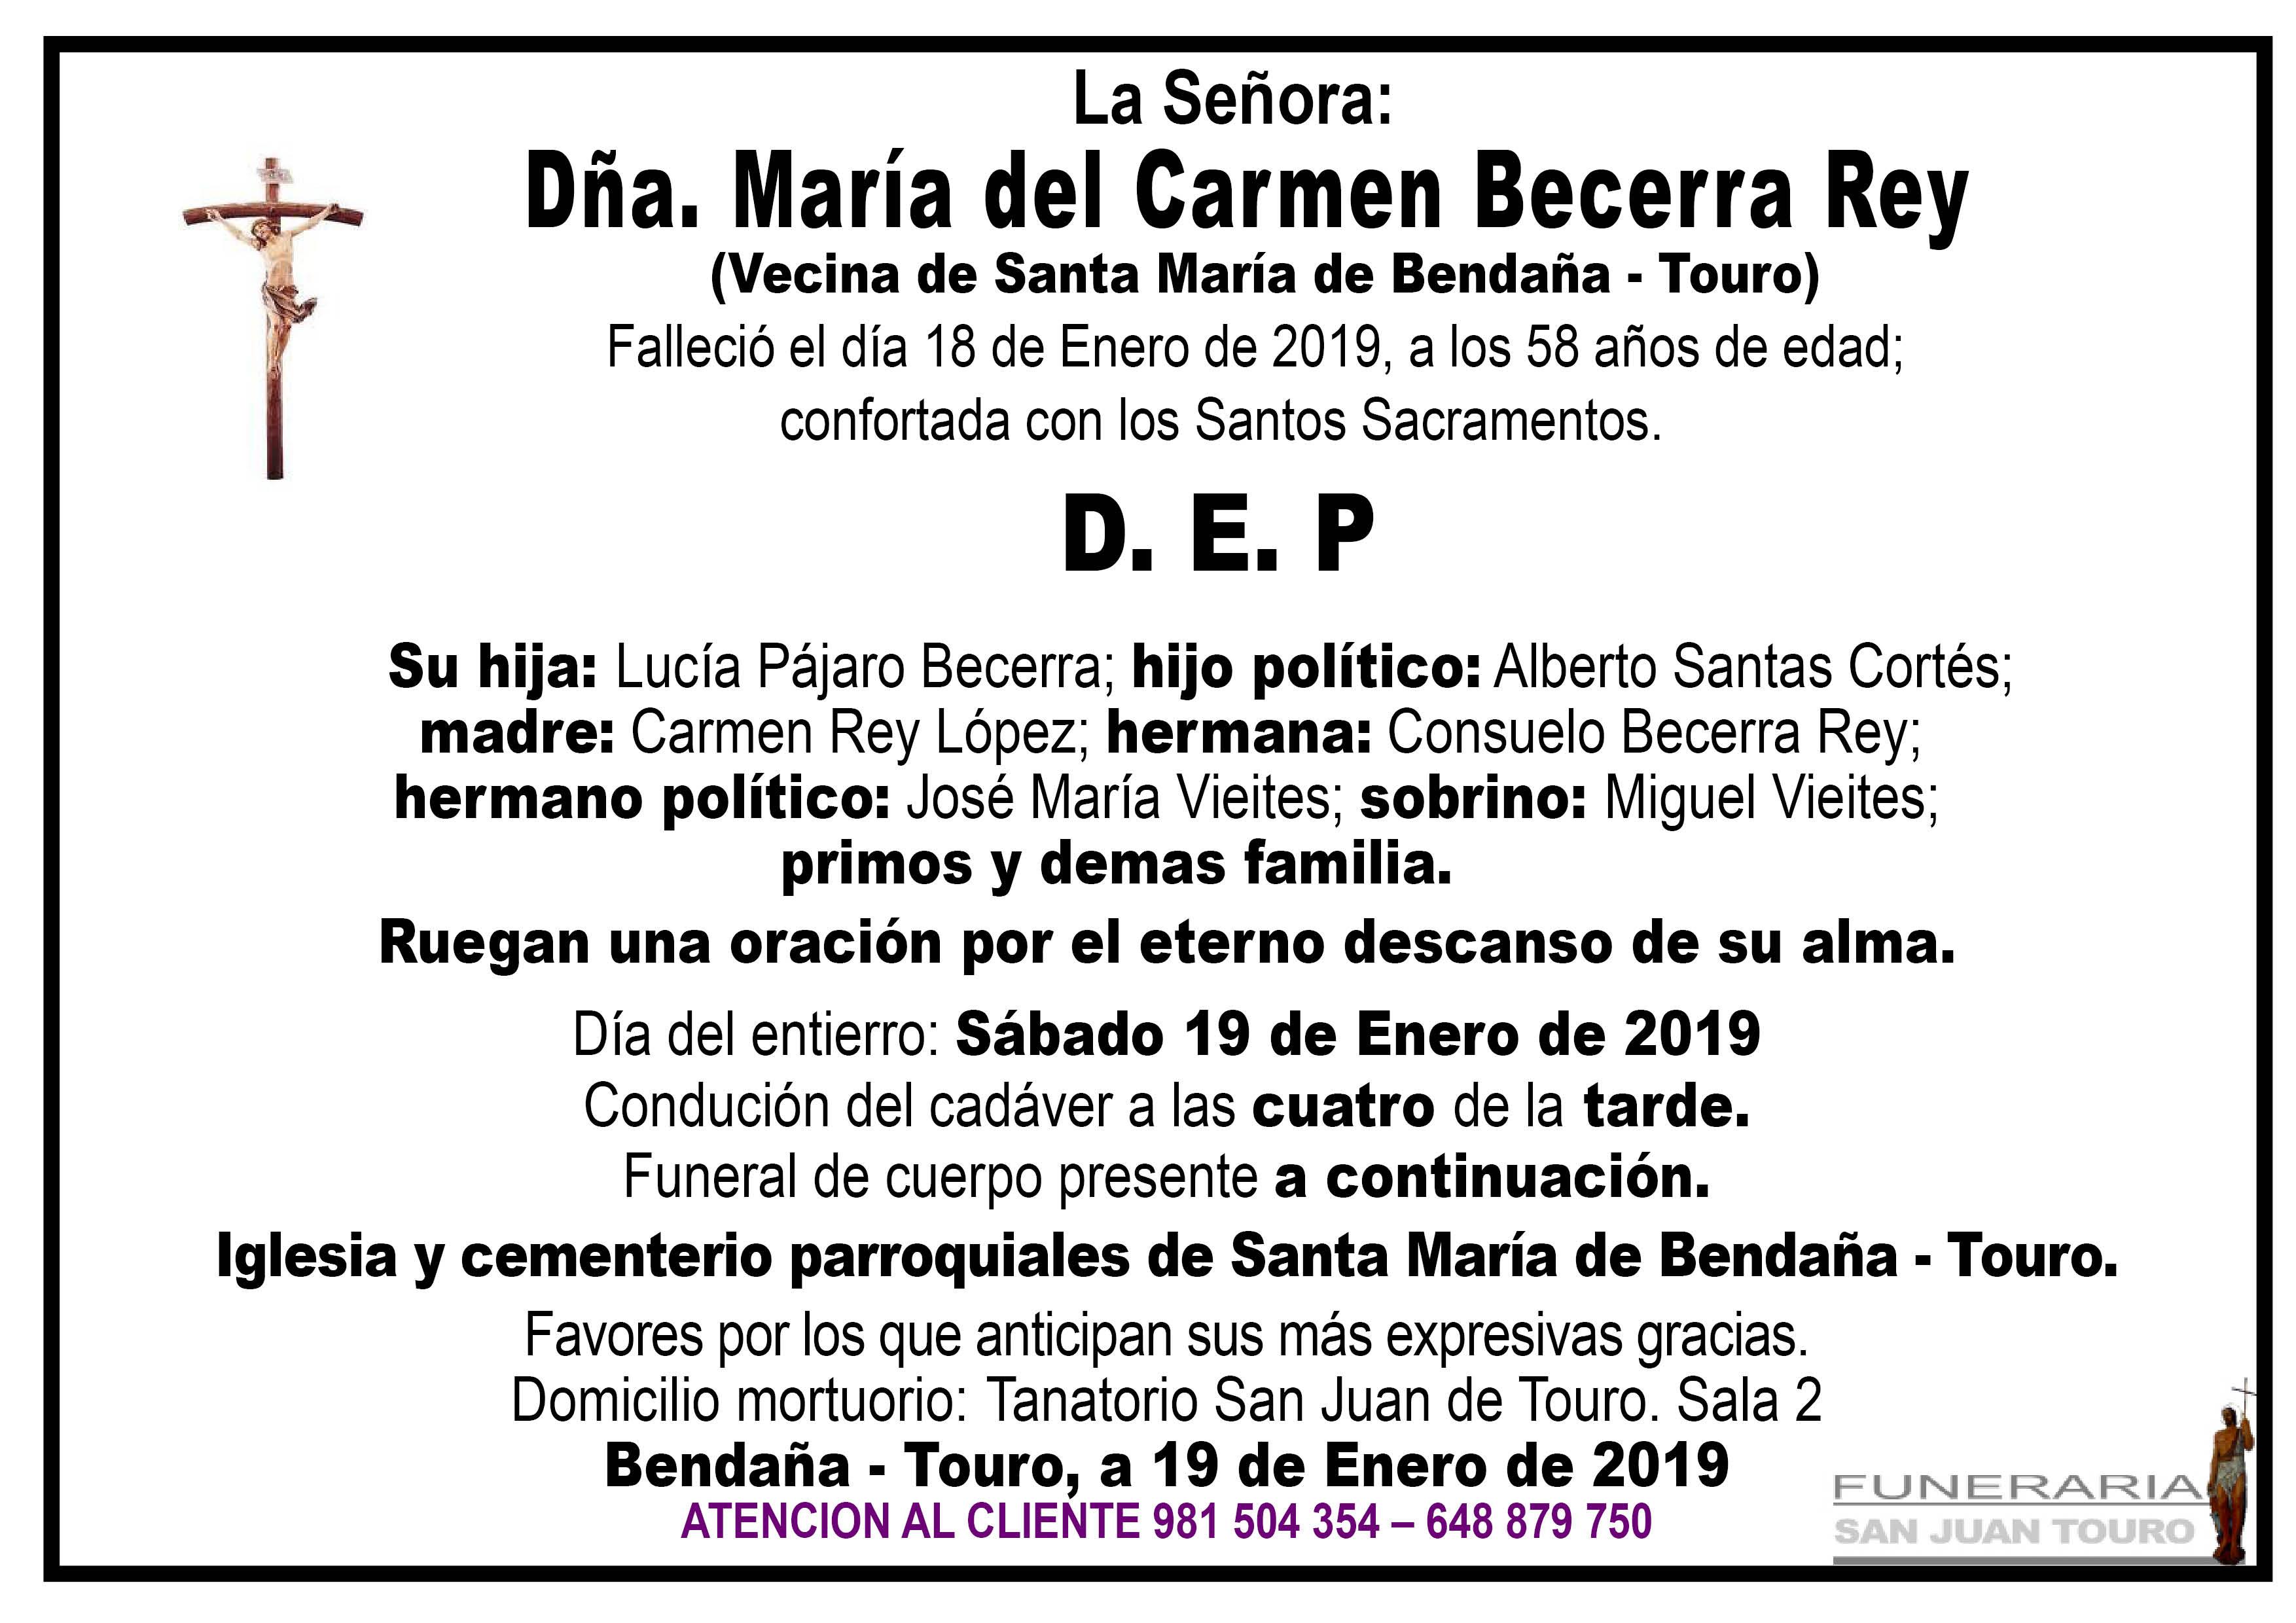 Esquela de SEPELIO DE DOÑA MARÍA DEL CARMEN BECERRA REY